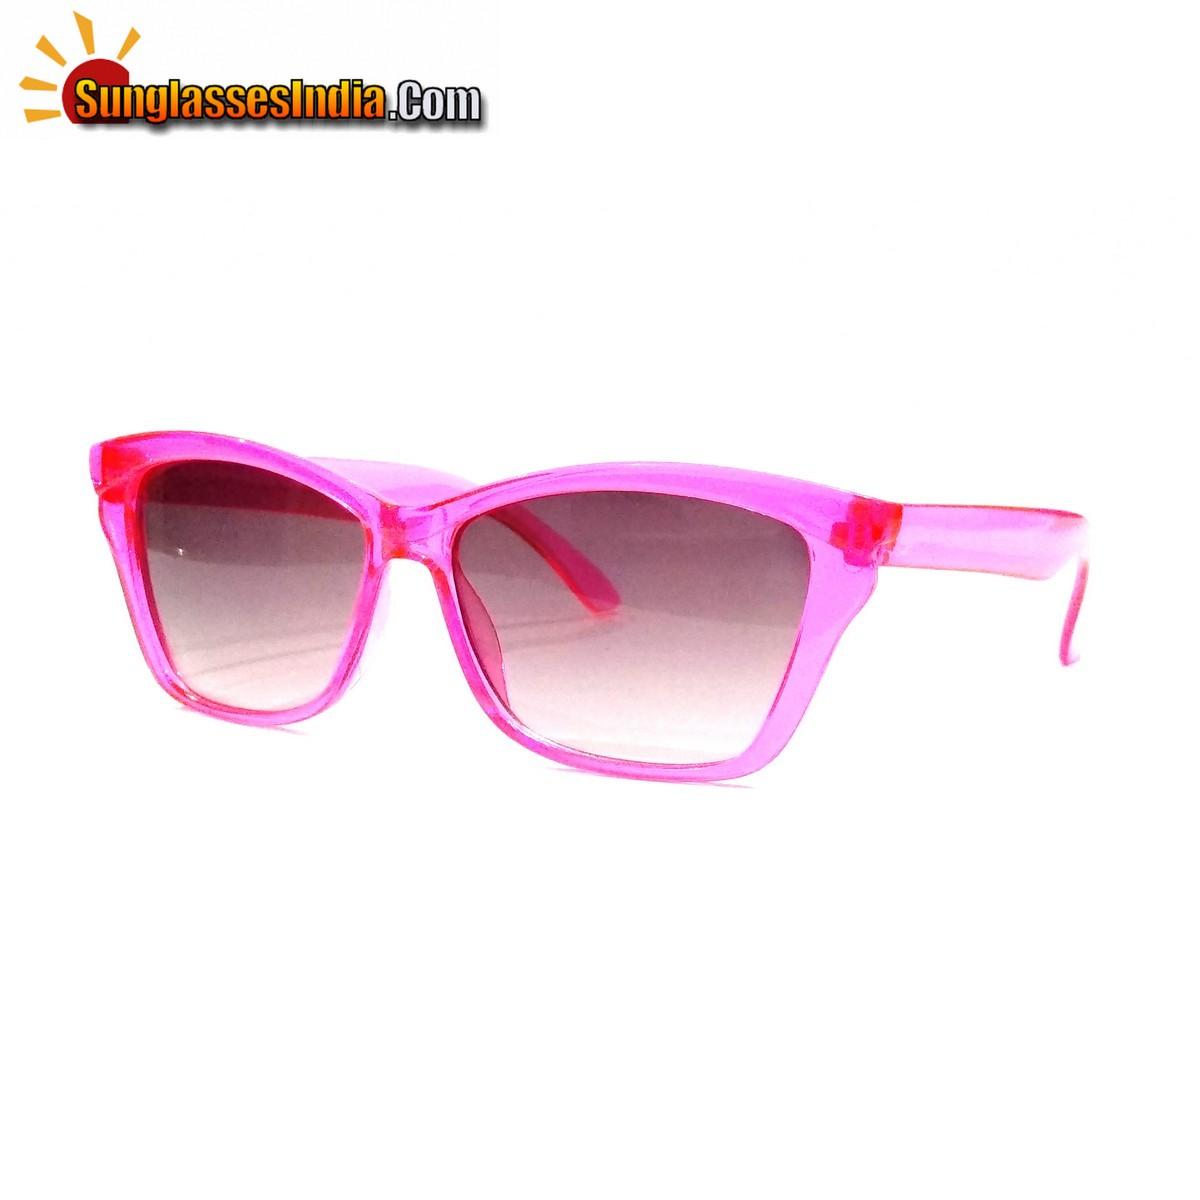 Pink Kids Fashion Sunglasses TKS003Pink